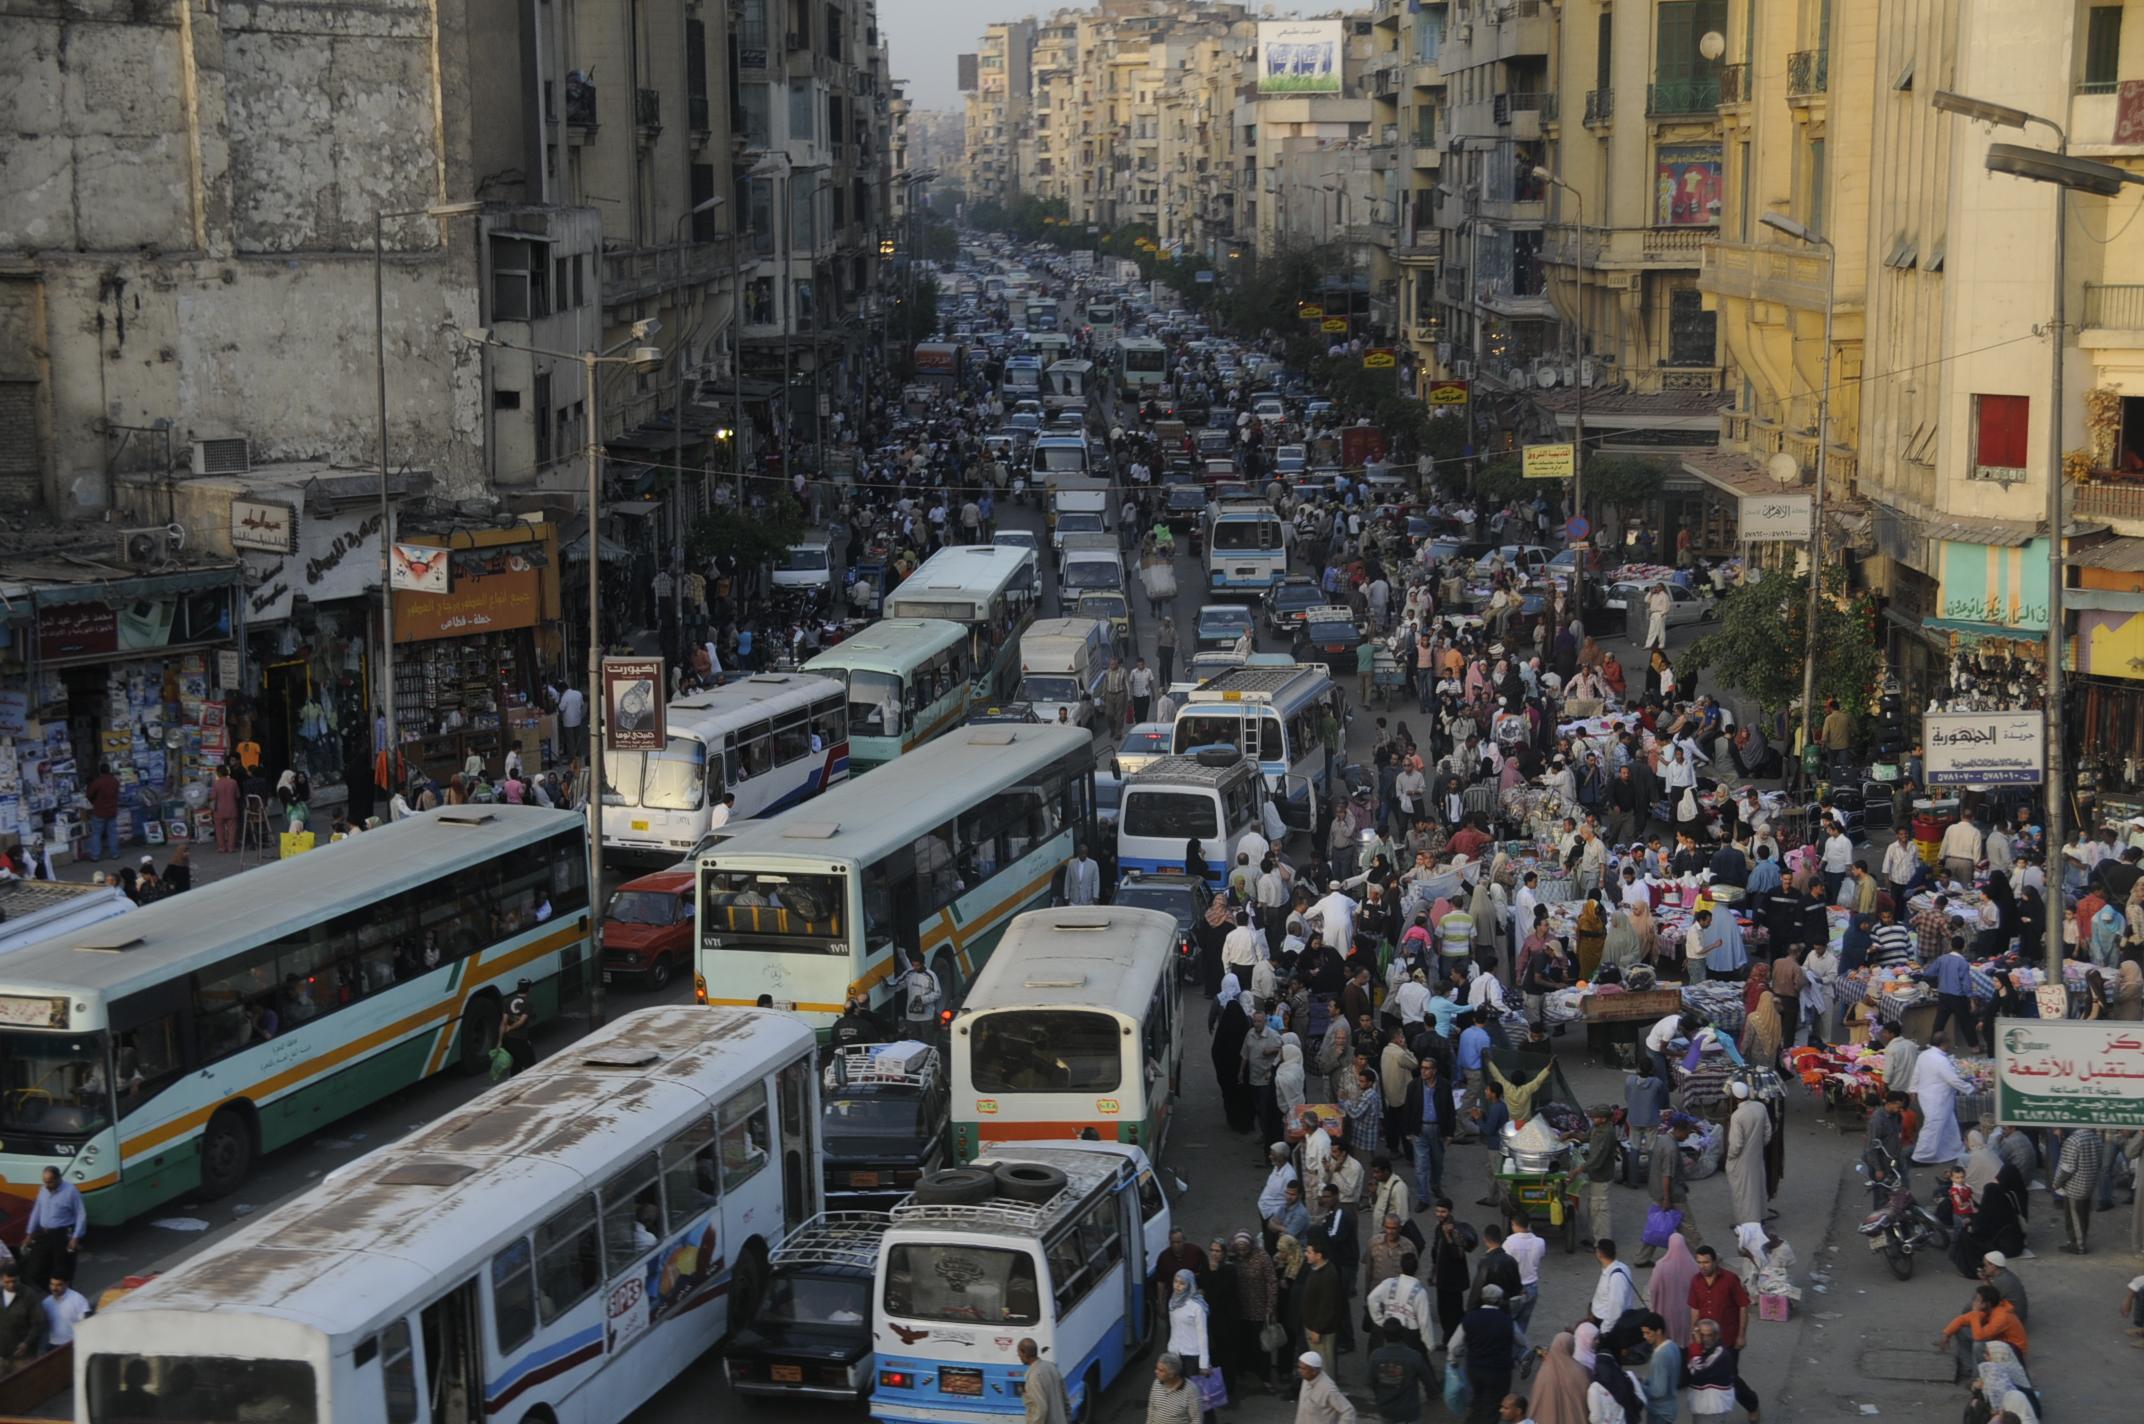 زيادة عدد سكان مصر يخلق ضغطا على البنية التحتية